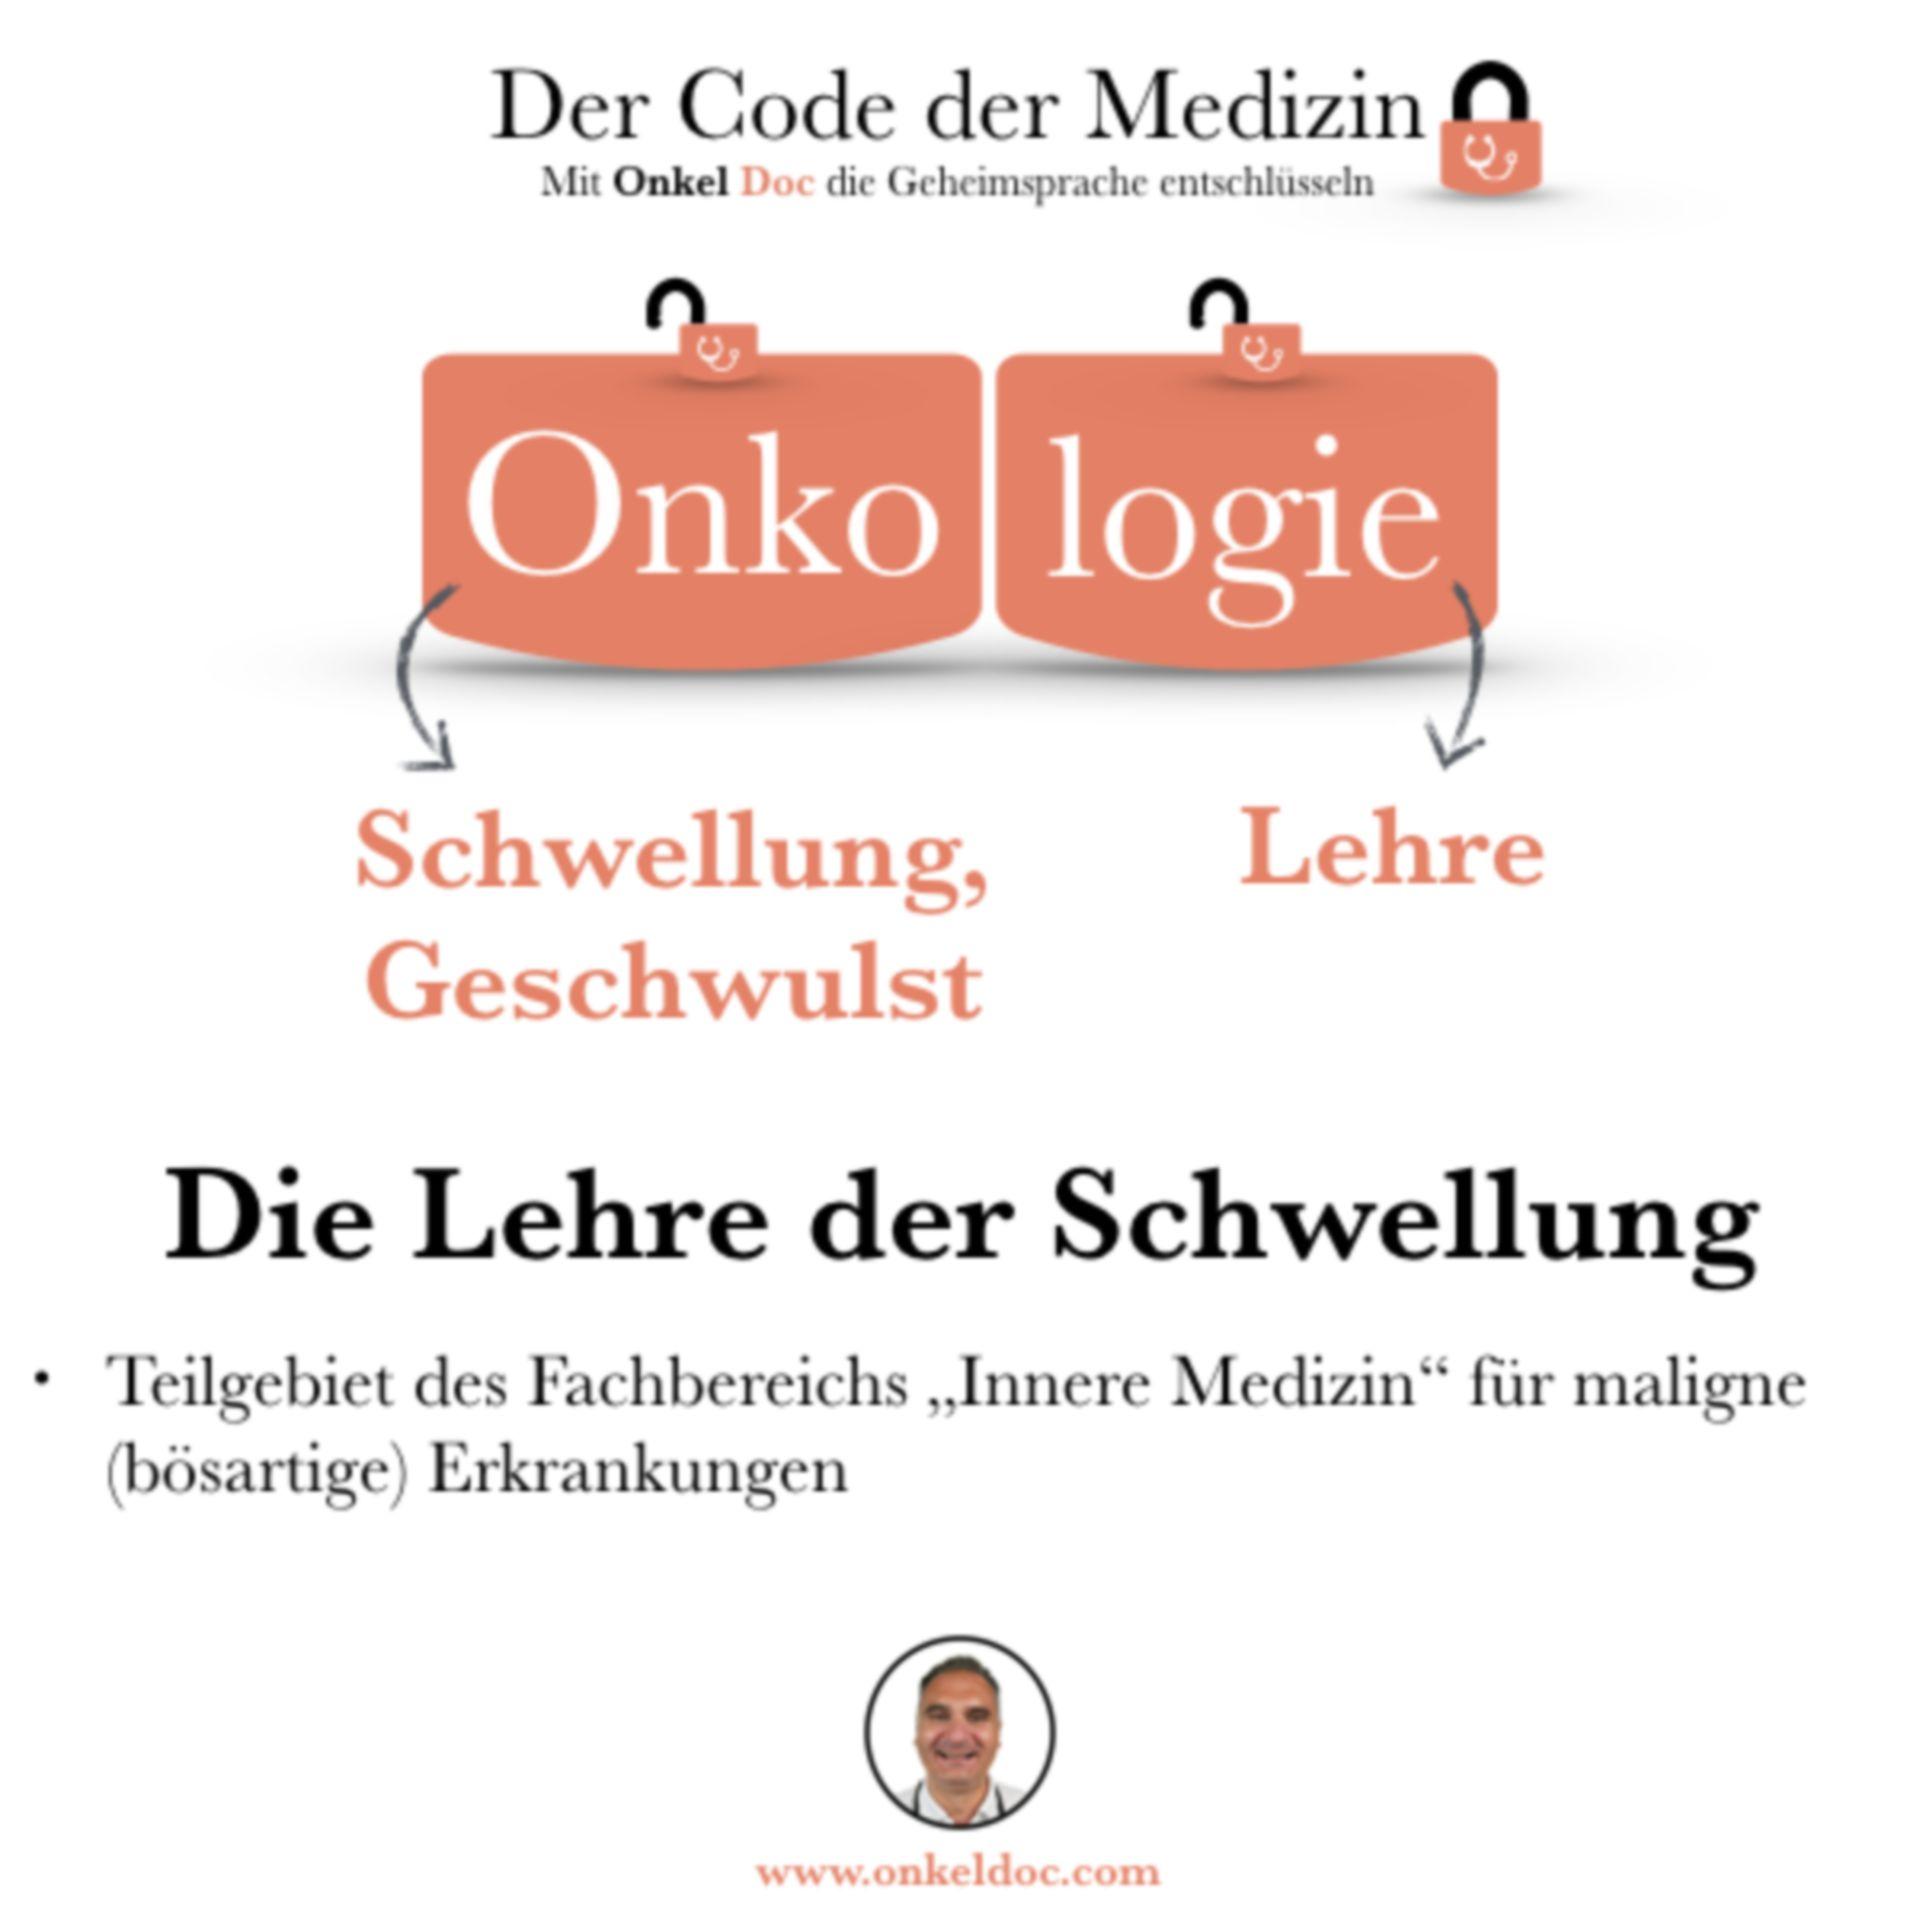 Der Code der Onkologie